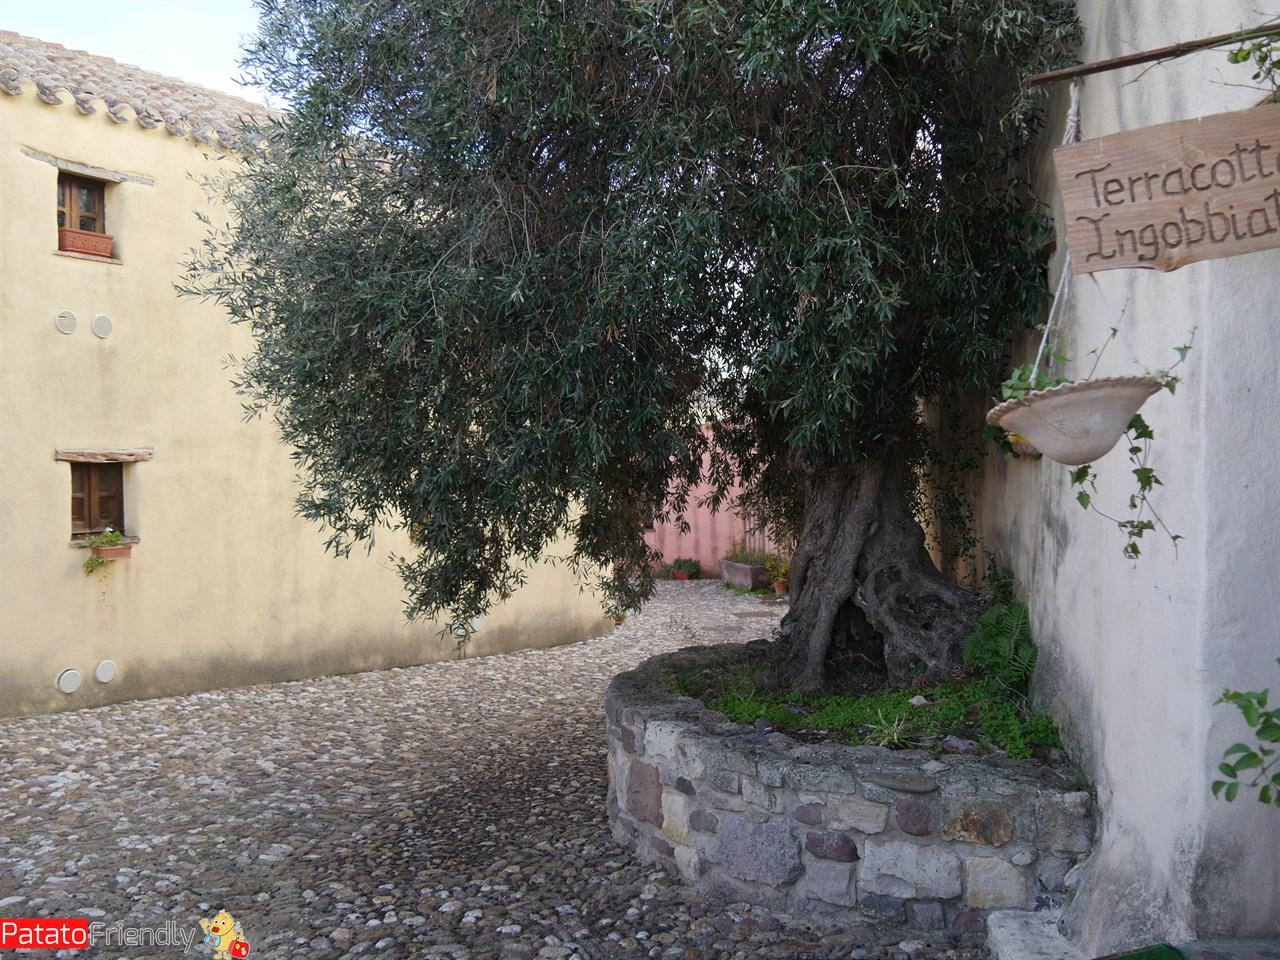 Tratalias in Sardegna